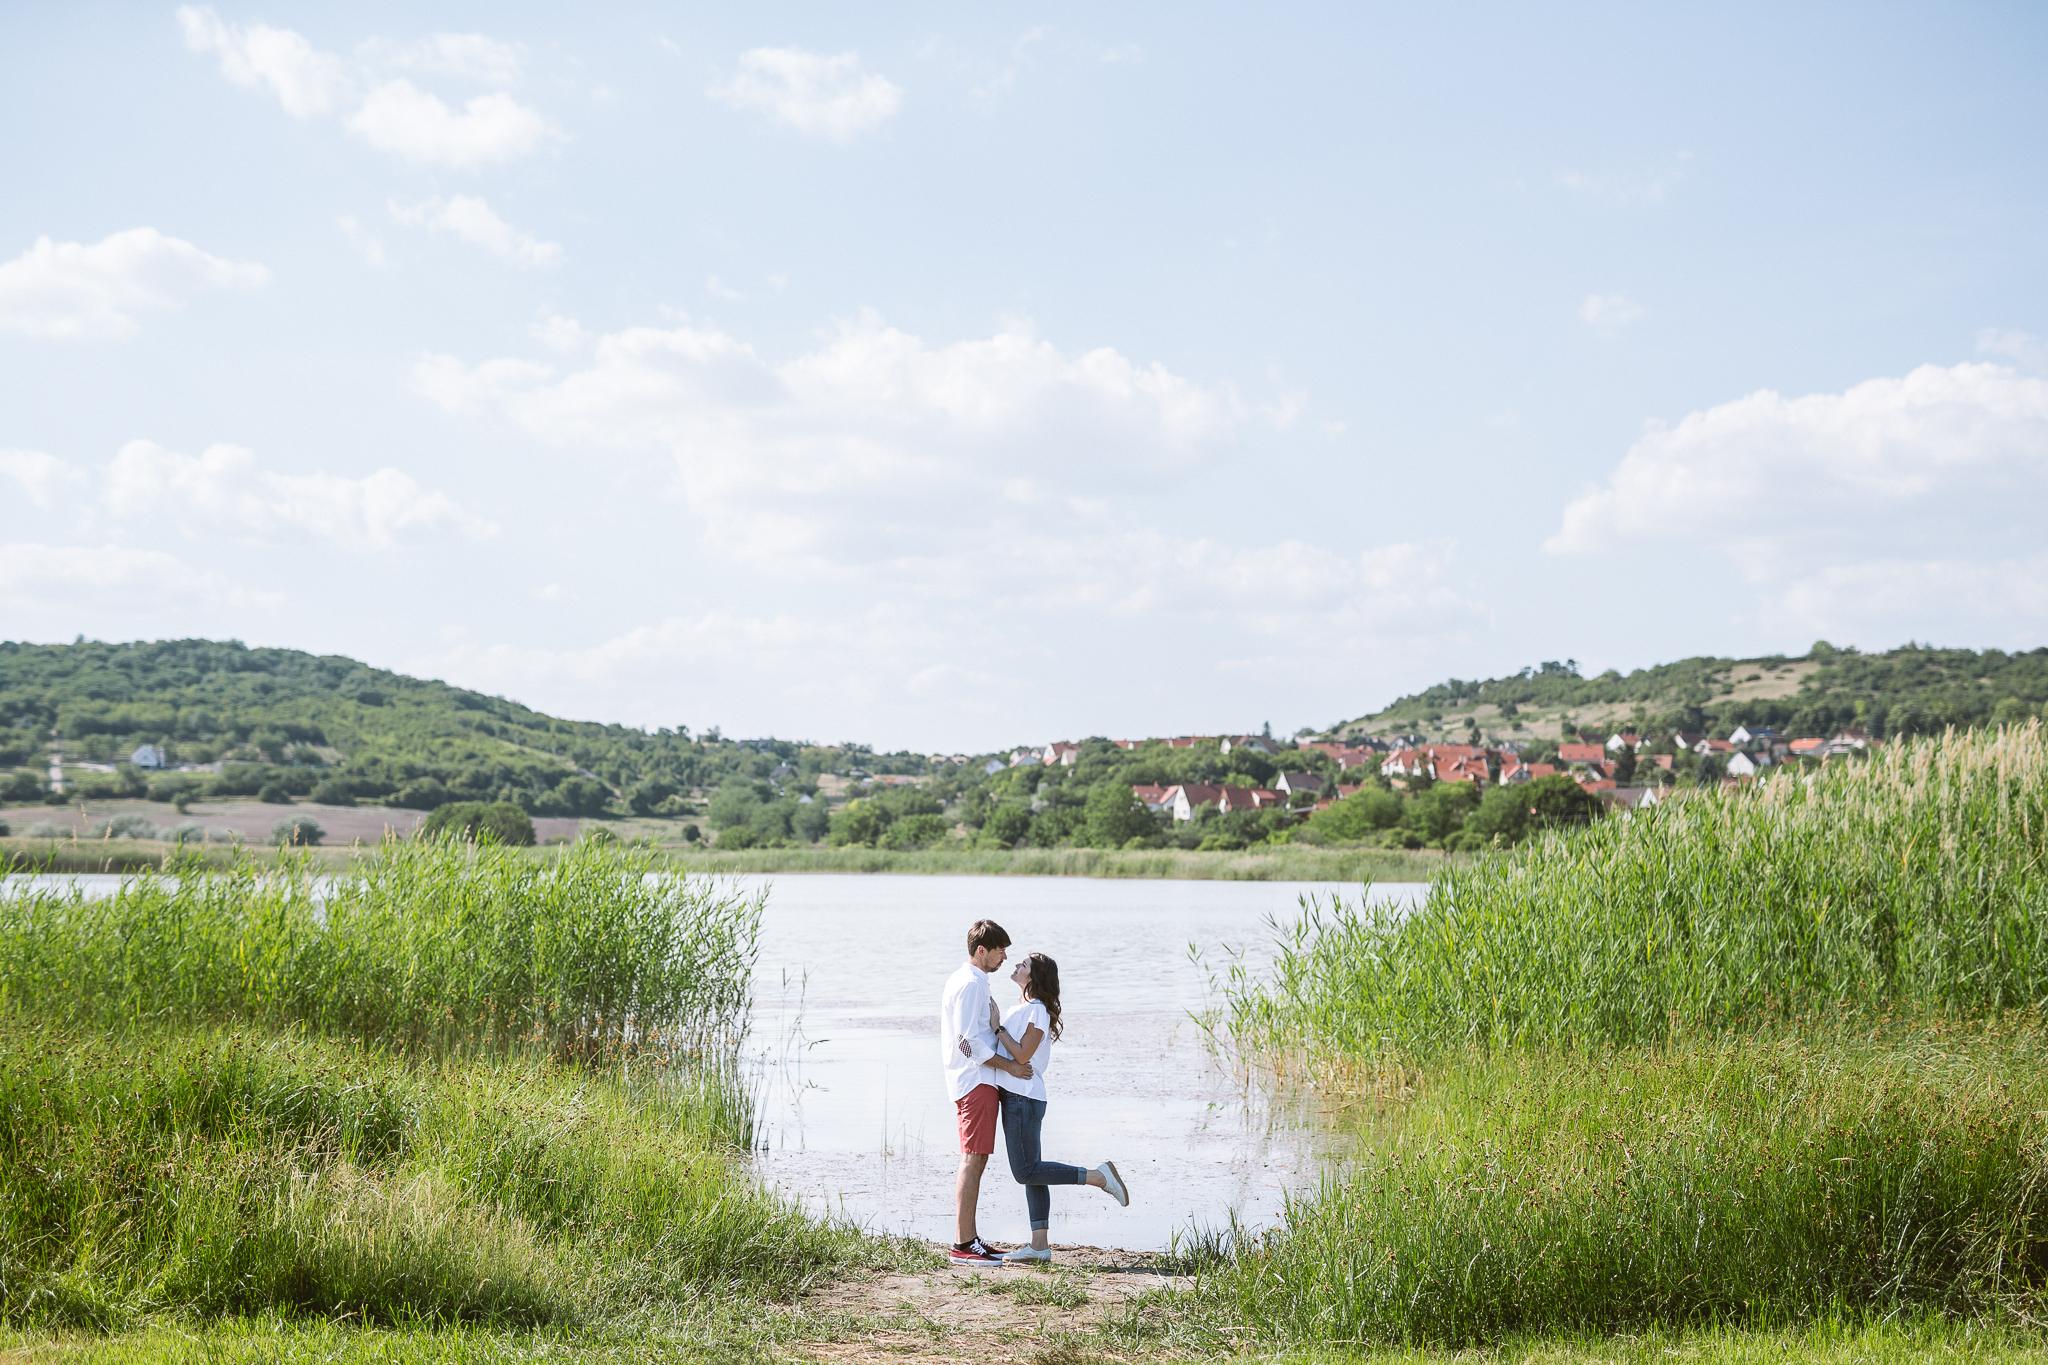 FylepPhoto, esküvőfotózás, magyarország, esküvői fotós, vasmegye, prémium, jegyesfotózás, Fülöp Péter, körmend, kreatív, tihany 20.jpg